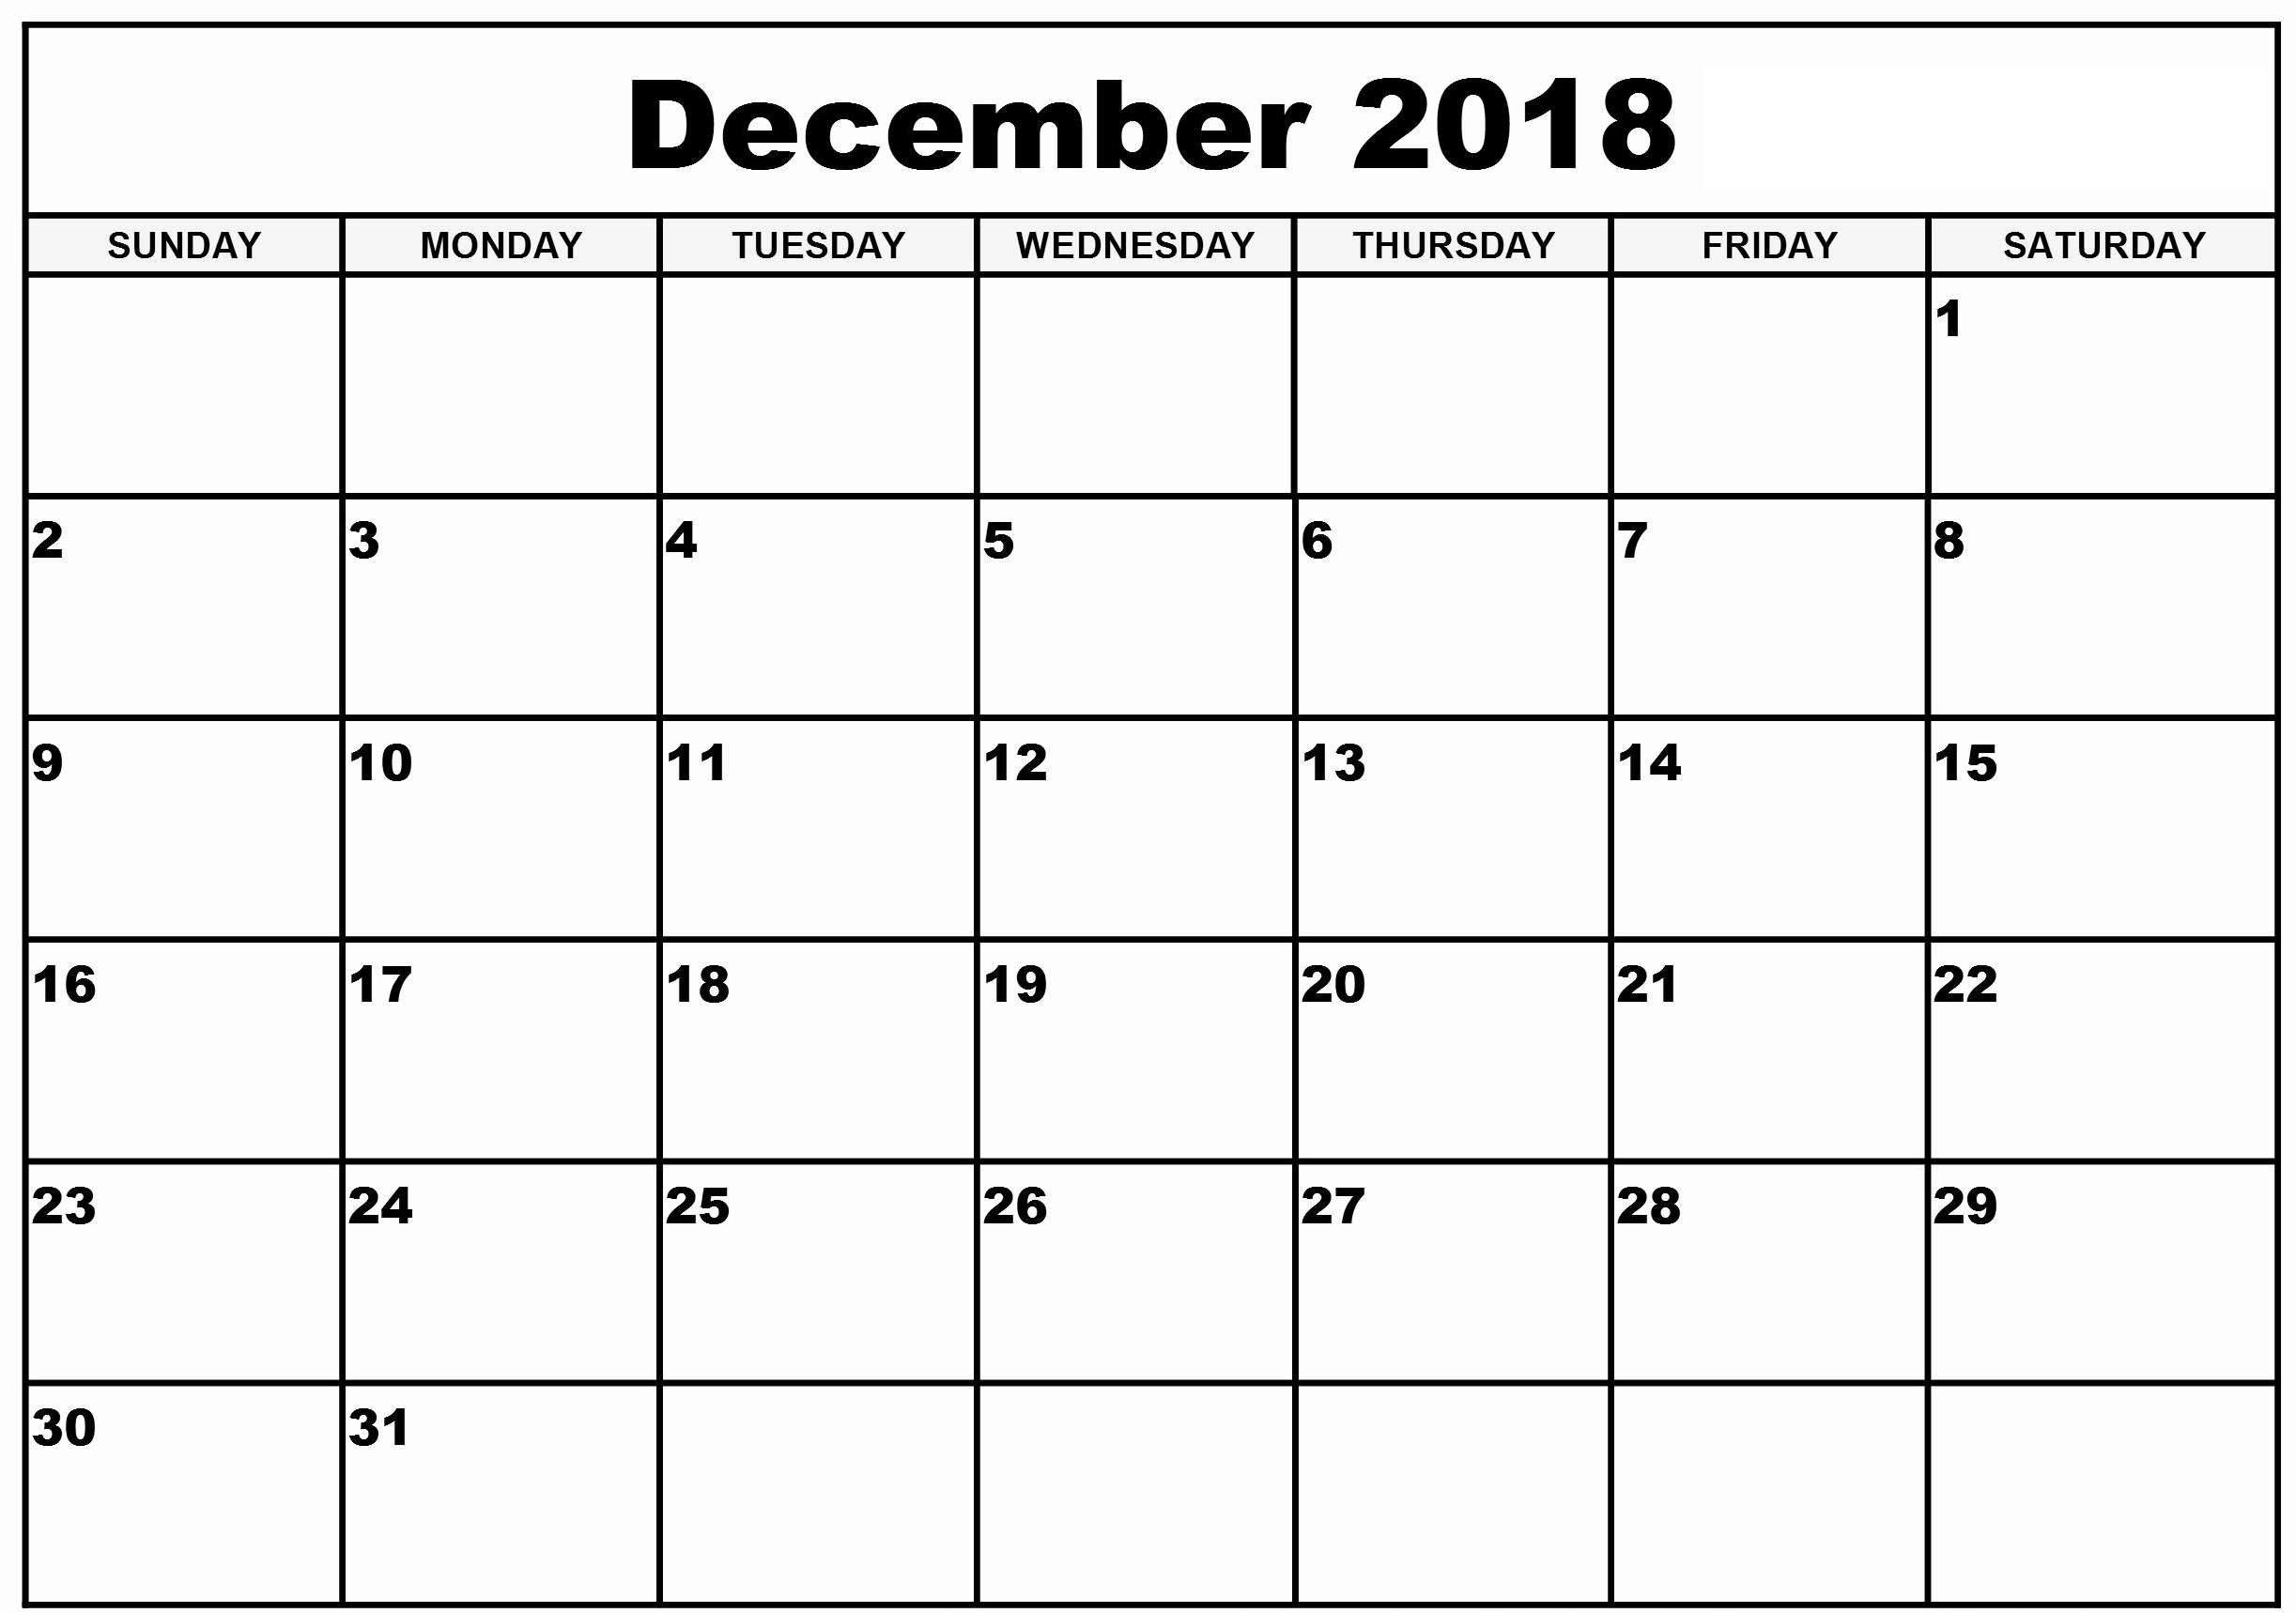 Print December 2018 Calendar NZ